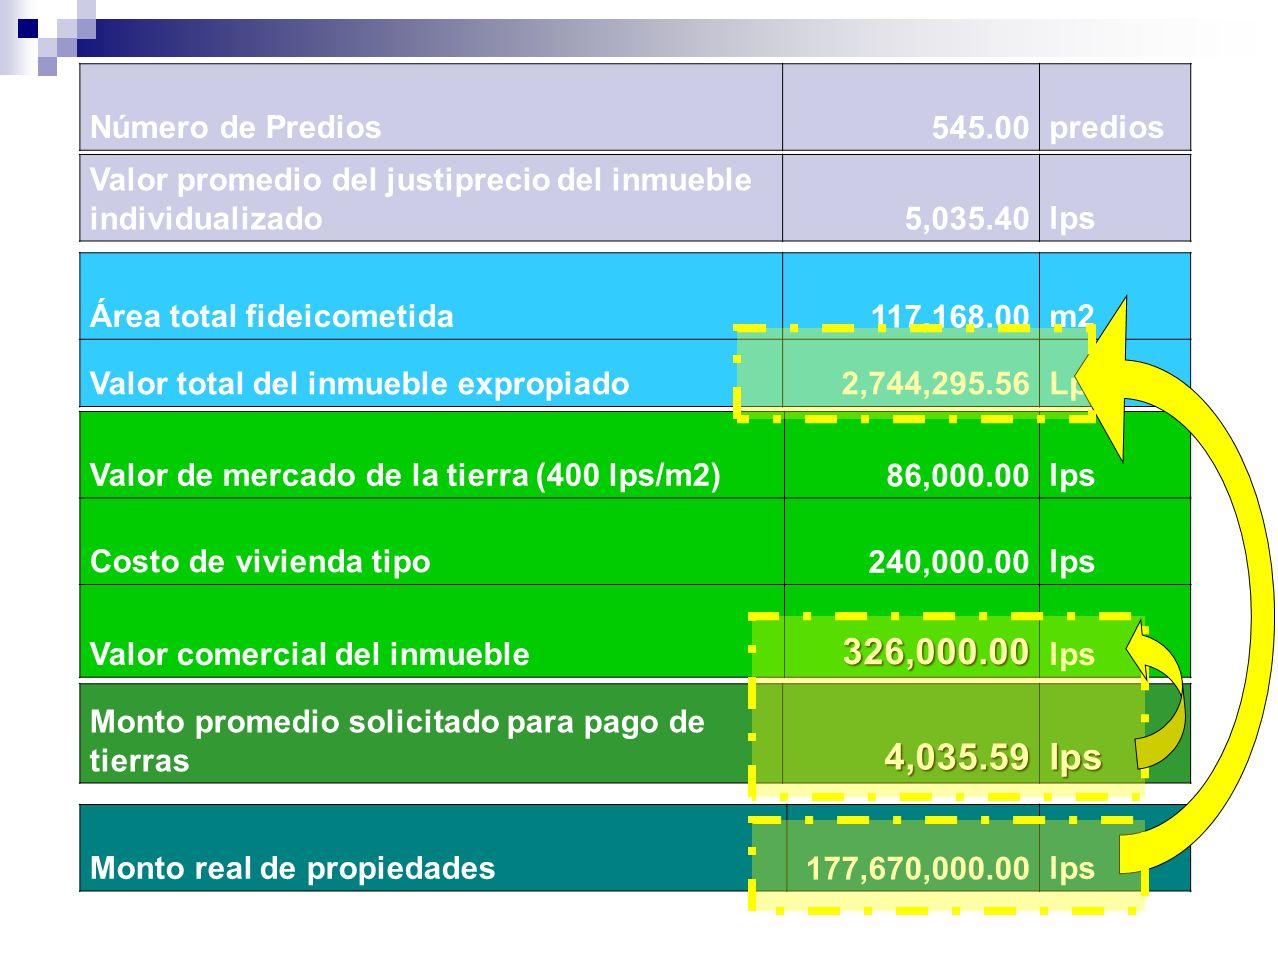 Número de Predios 545.00predios Área total fideicometida 117,168.00m2 Valor total del inmueble expropiado2,744,295.56Lps Valor de mercado de la tierra